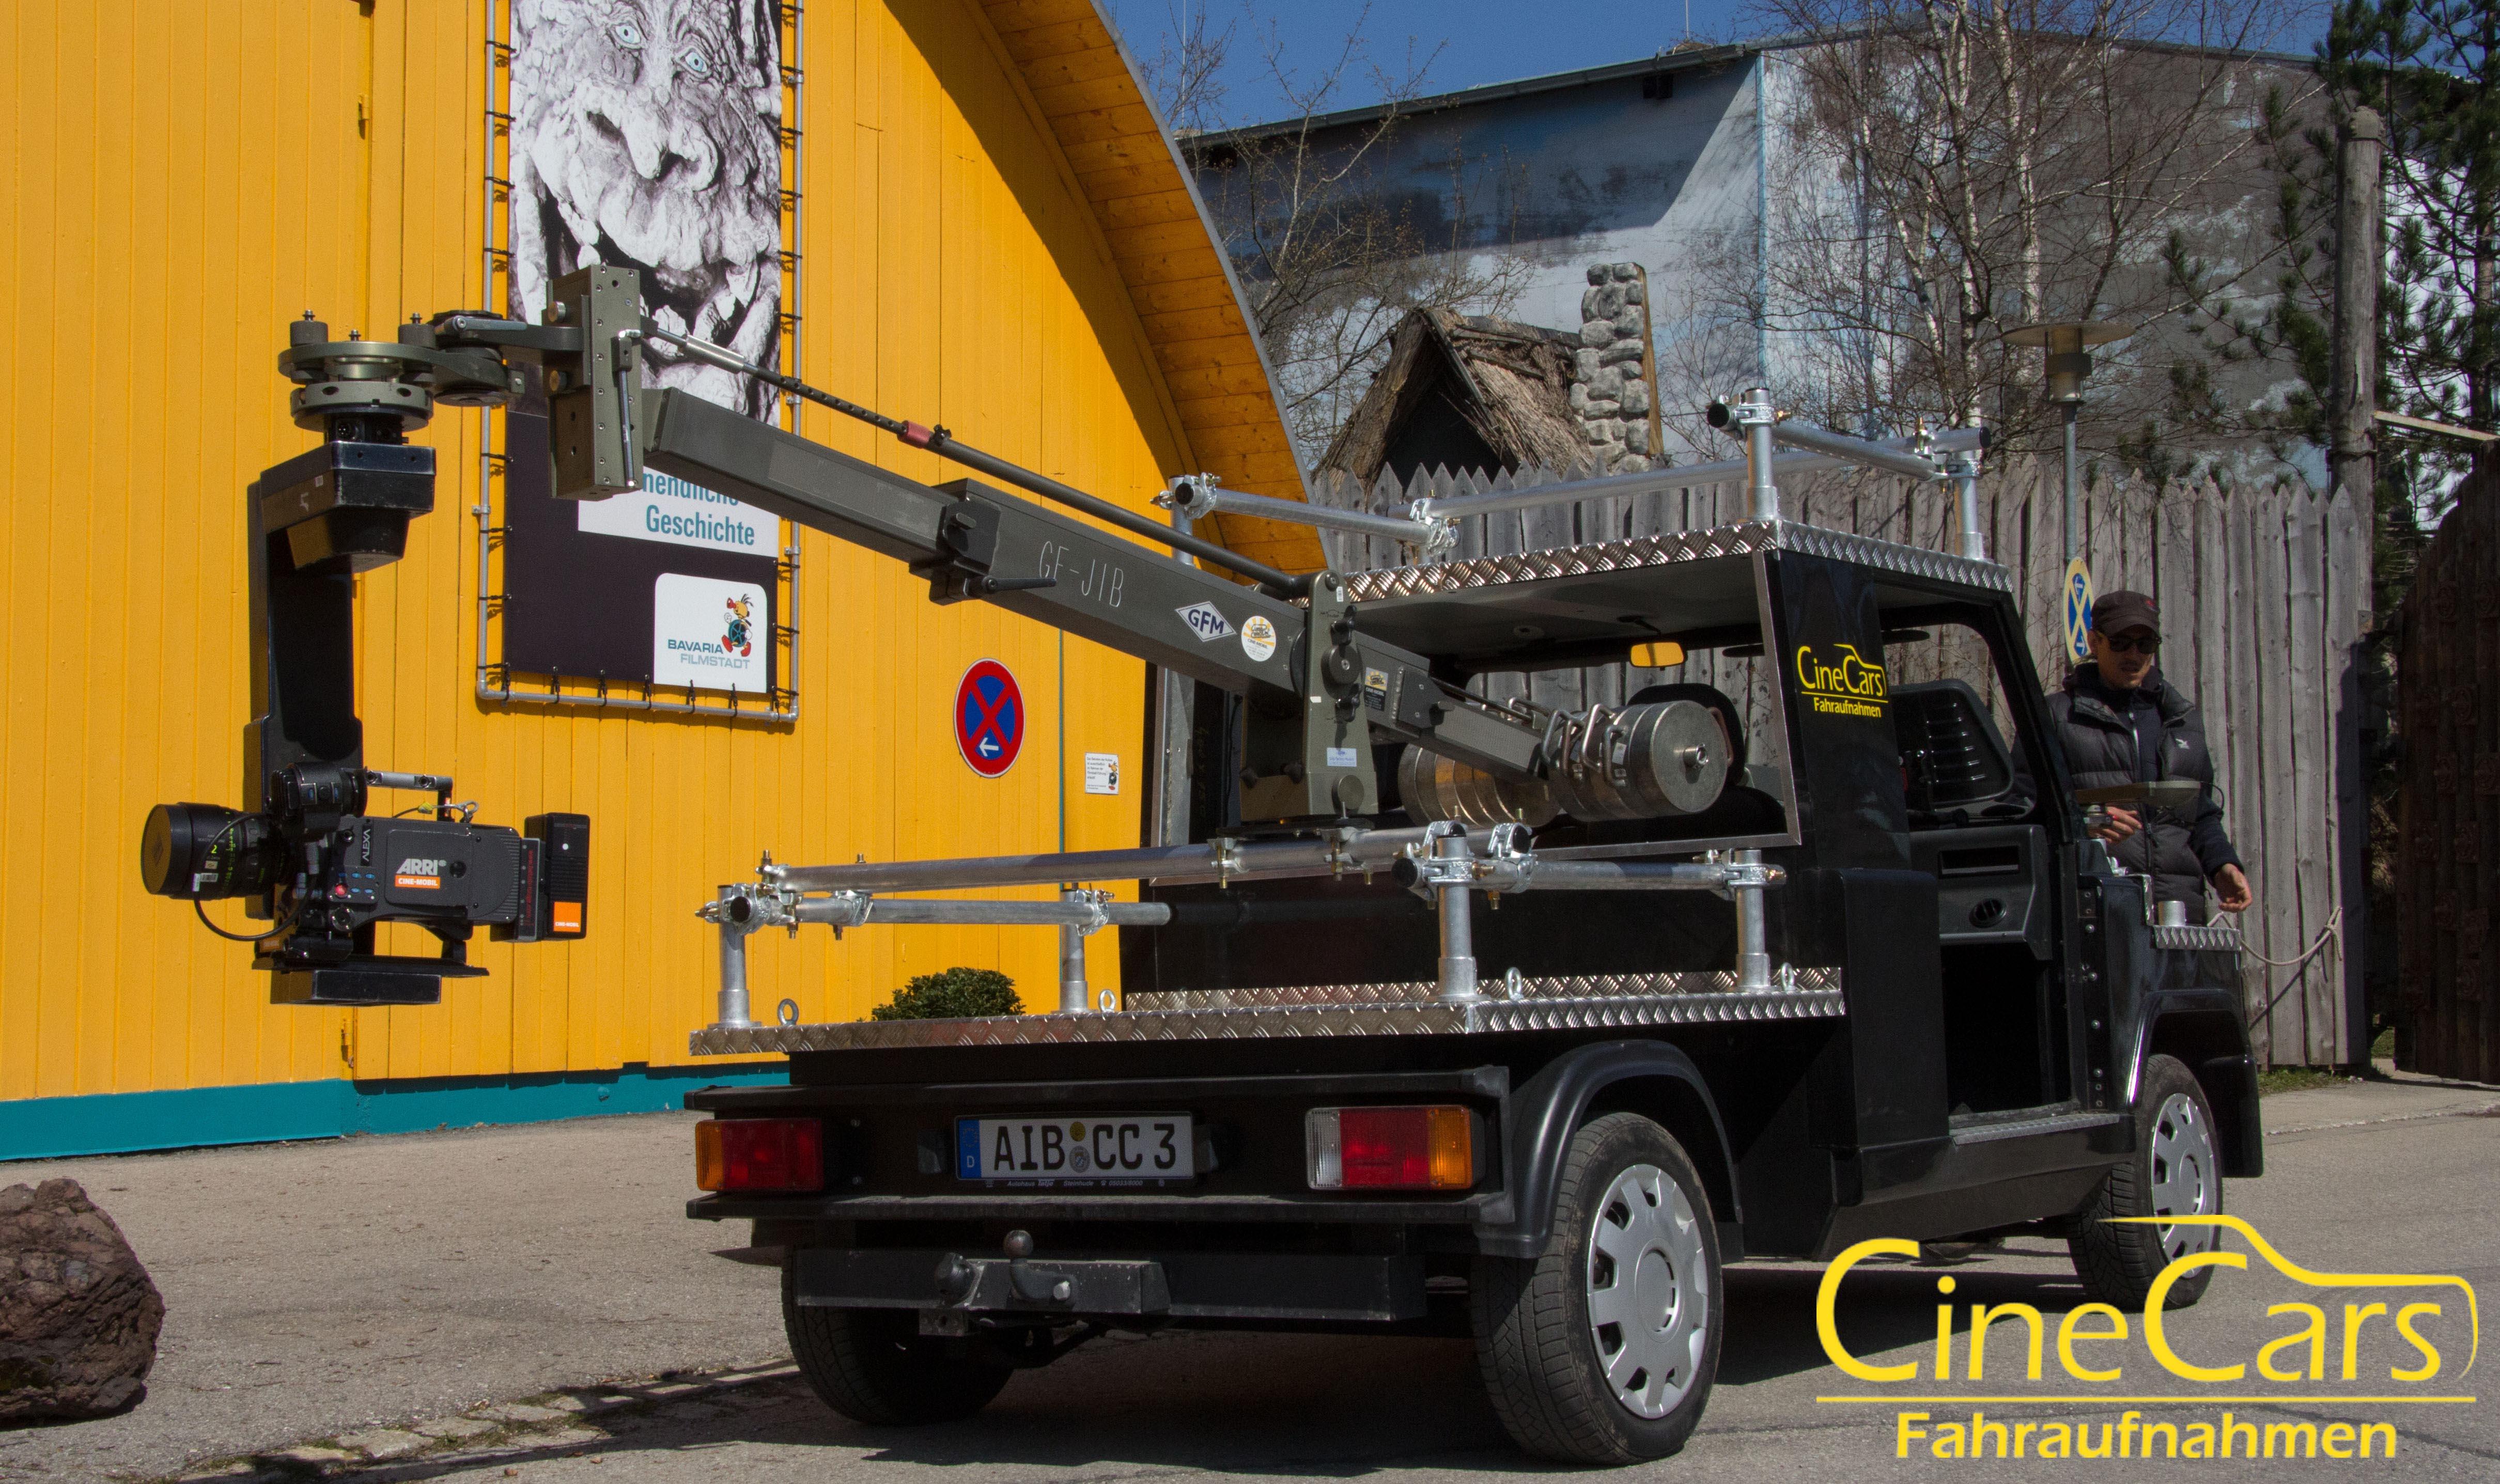 CineCar GFM JIB2